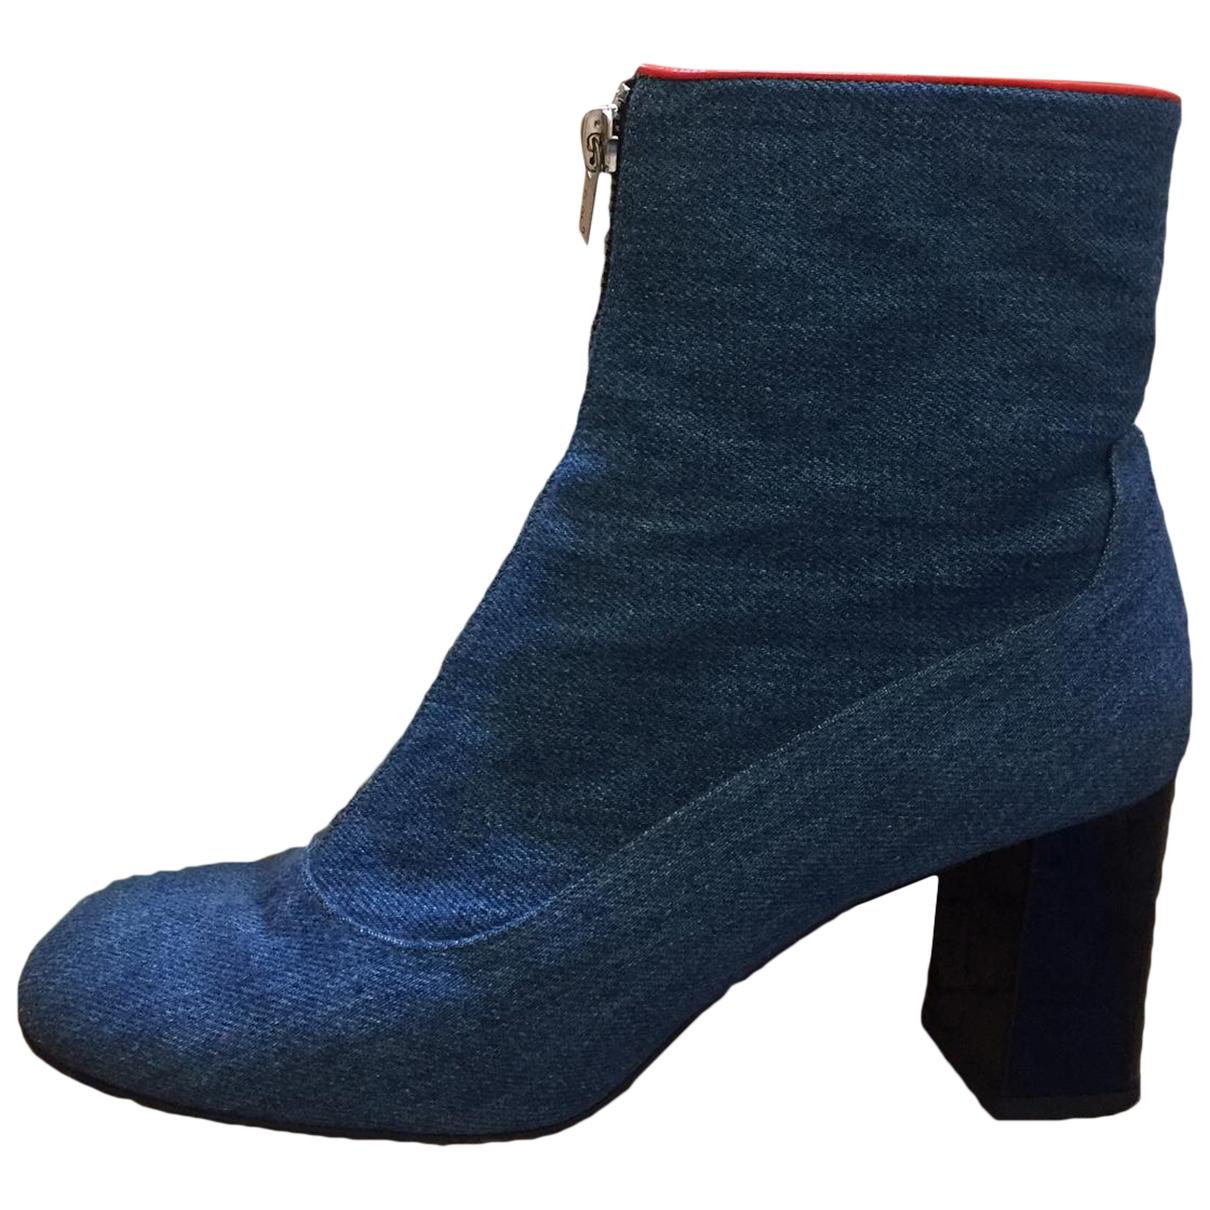 Camilla Elphick - Boots   pour femme en toile - bleu